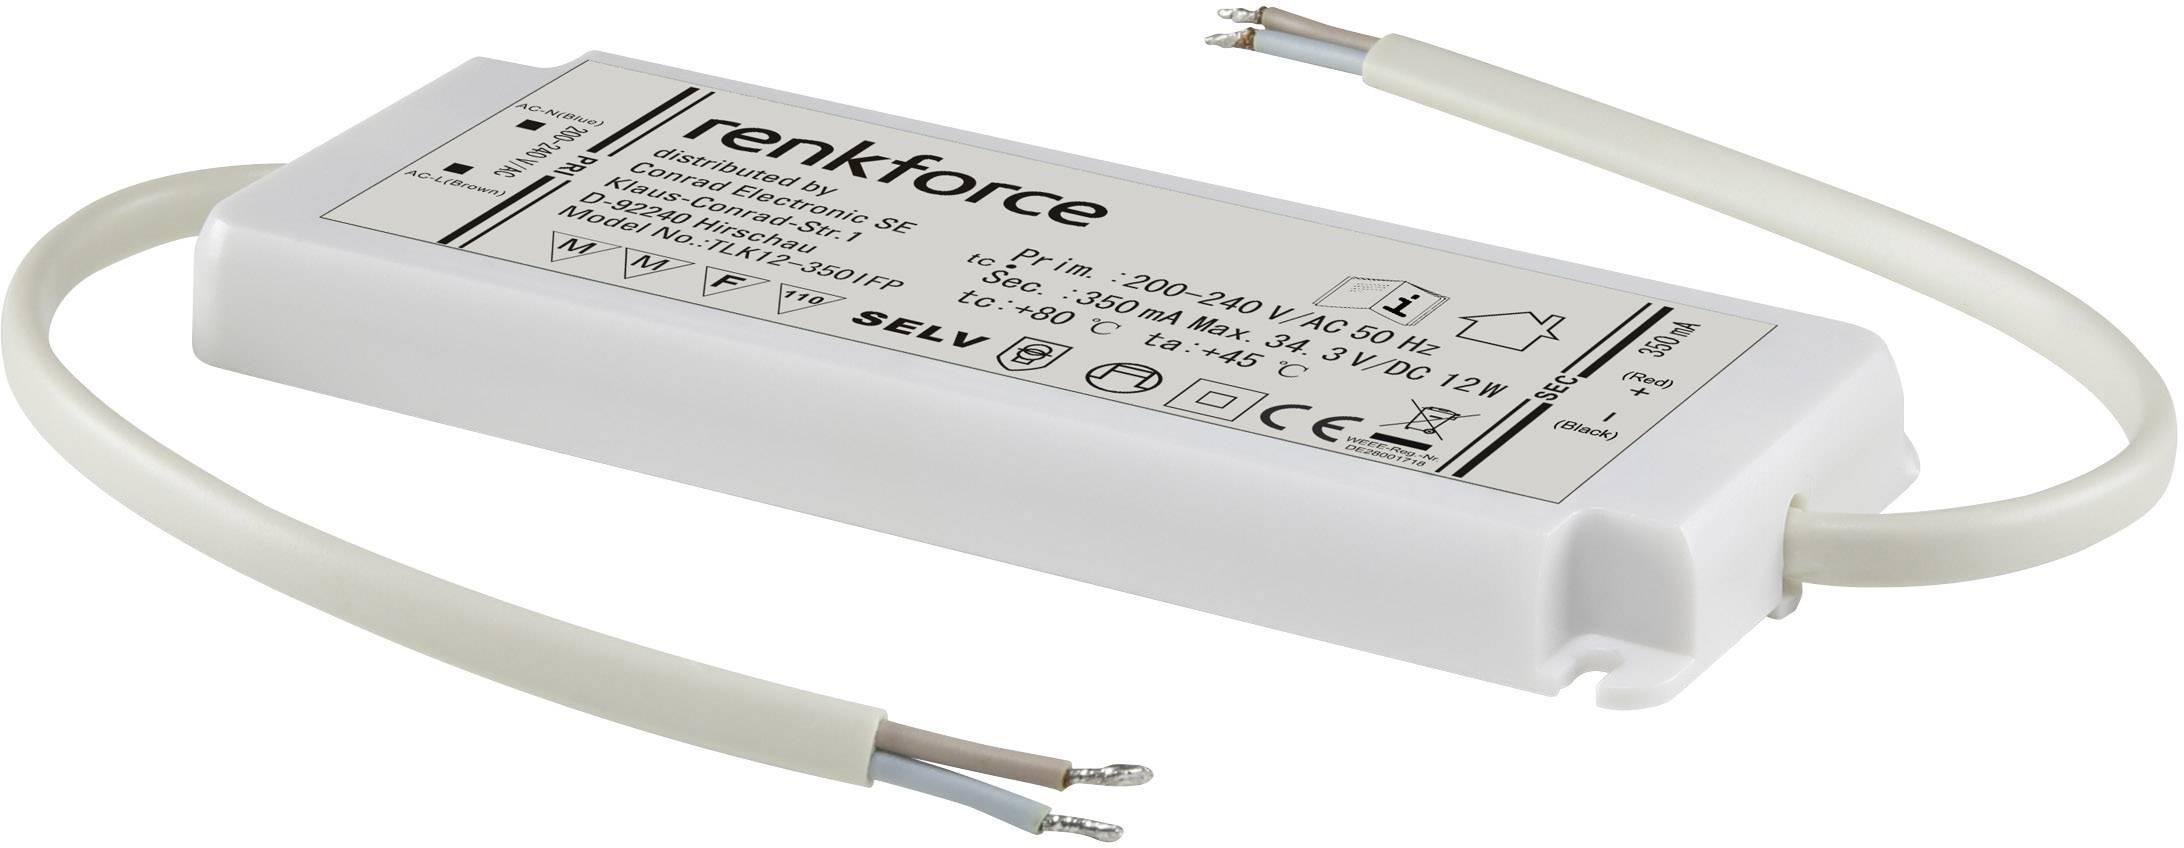 Napájací zdroj Renkforce pre LED, 0-12 W, 350 mA, biela